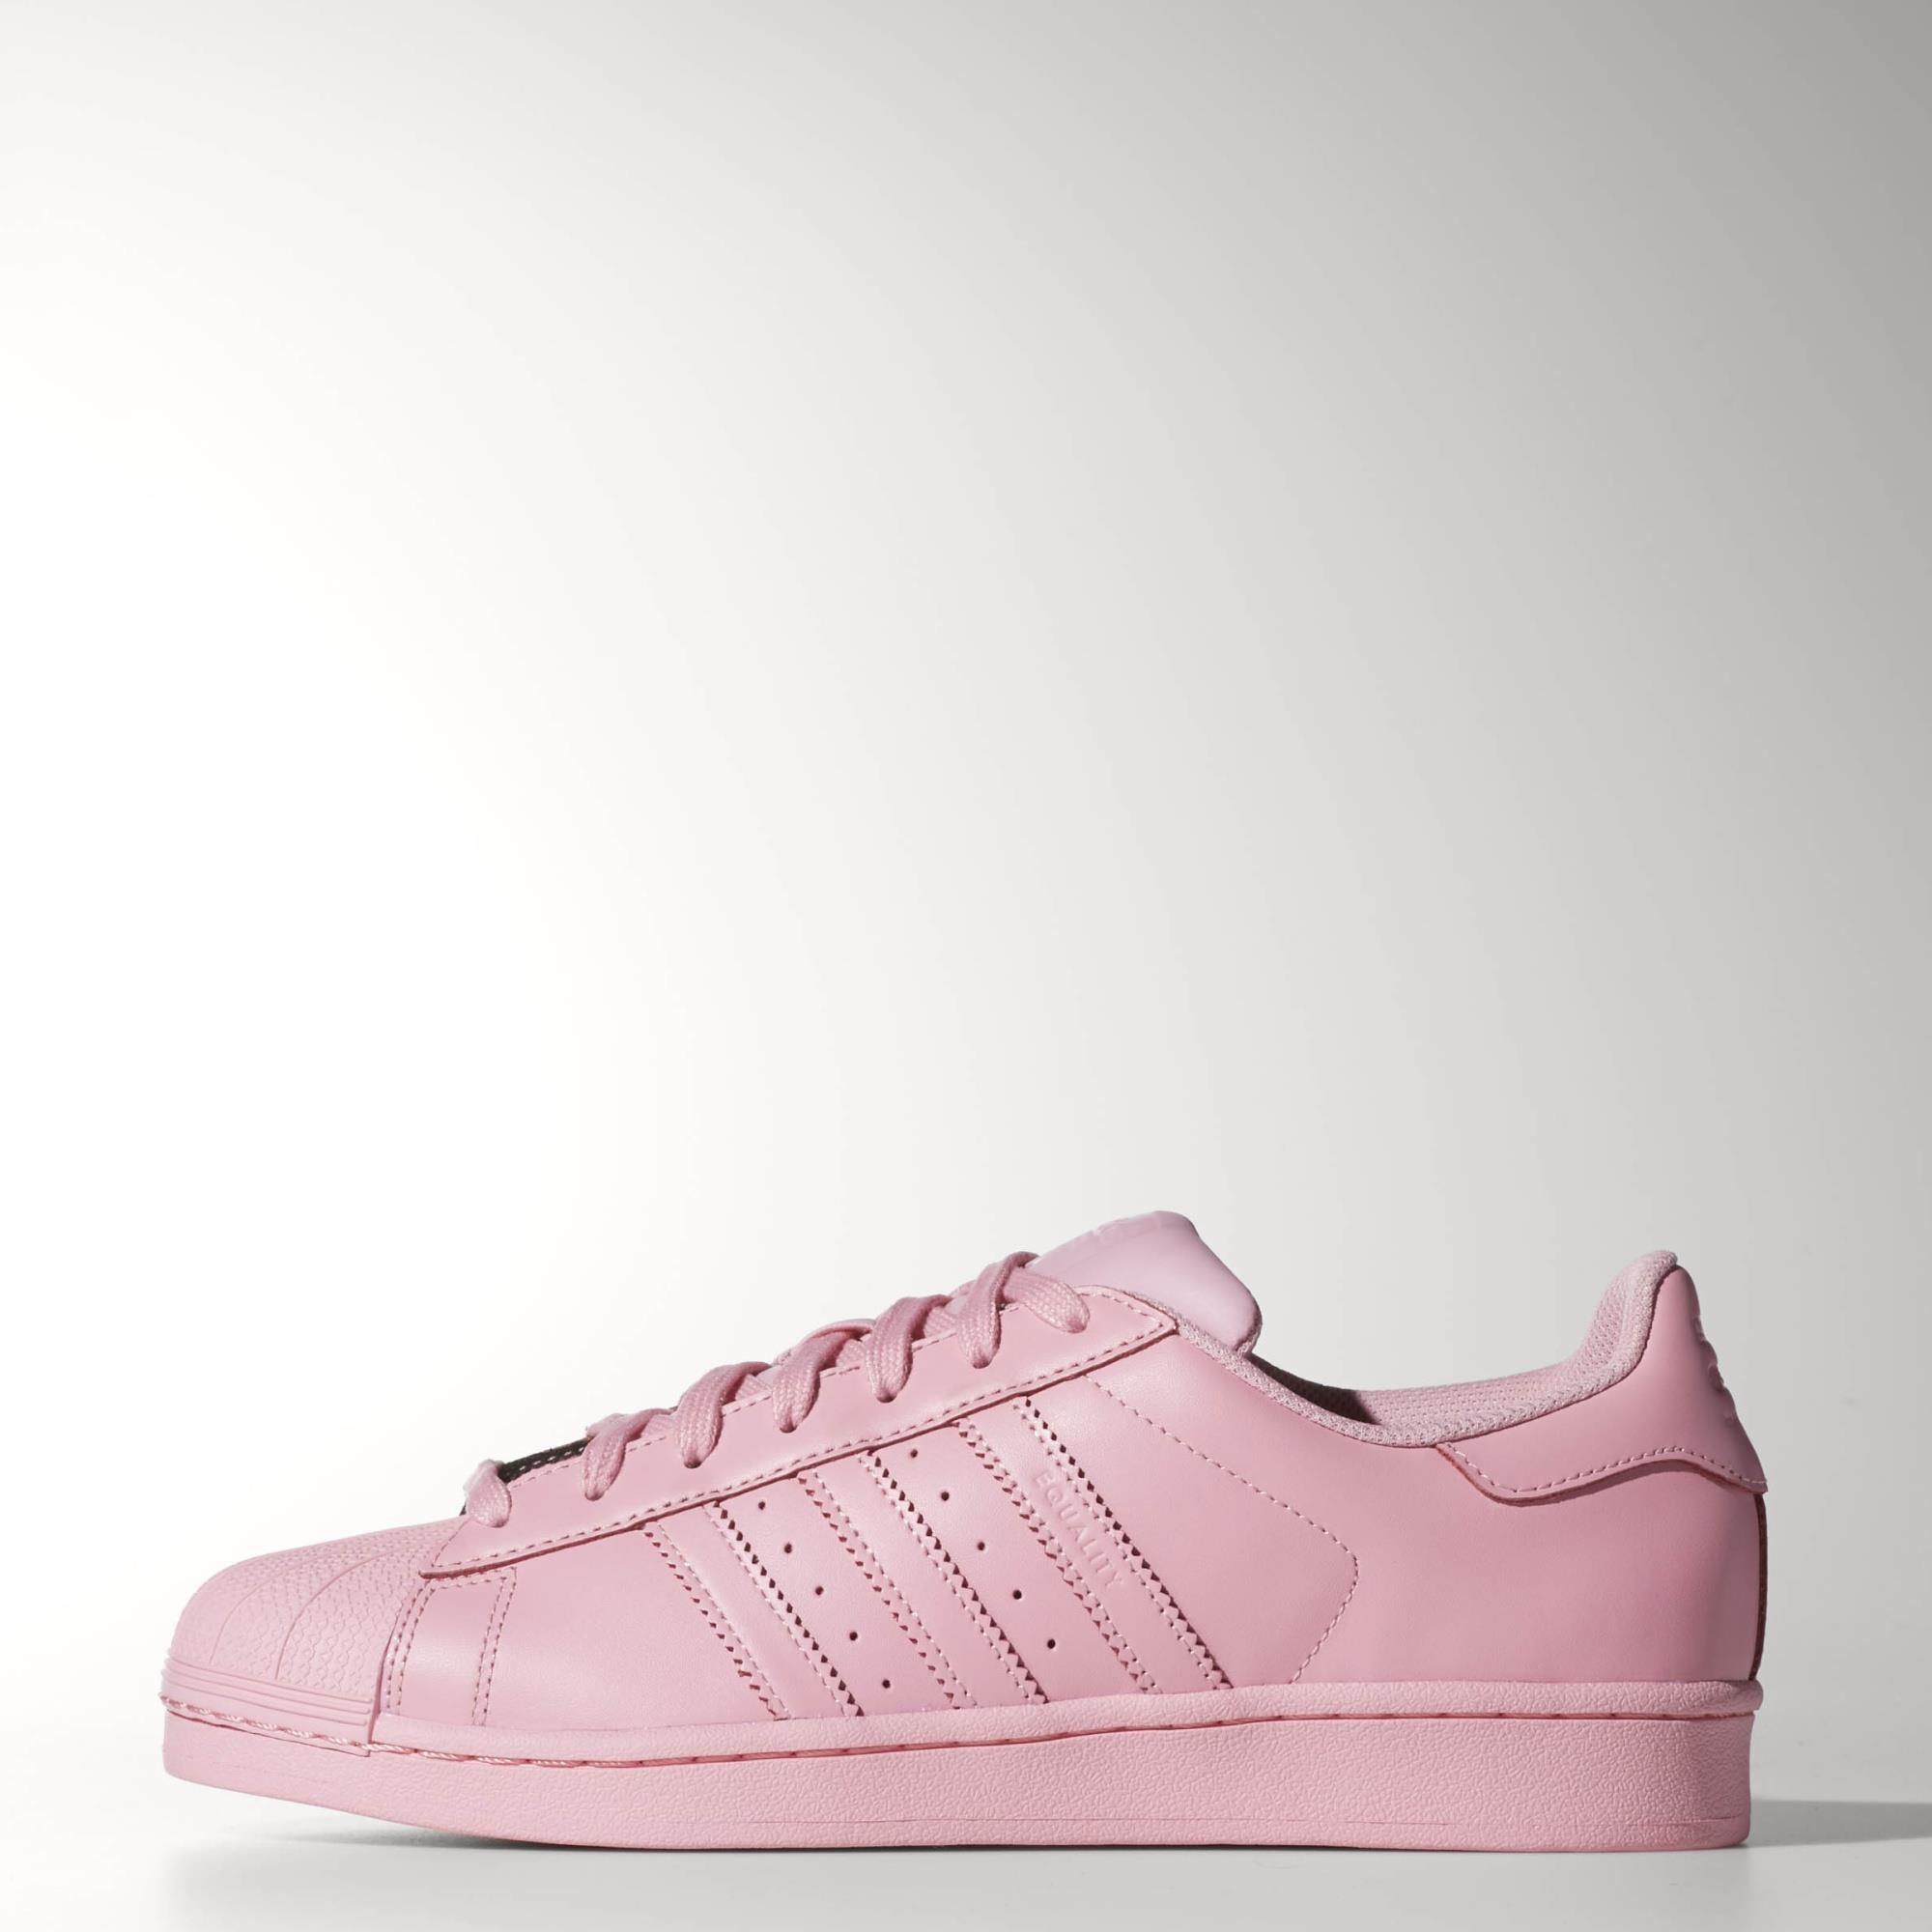 2389b782268f5c Adidas Superstar Supercolor Light Rosa ohne-papa.de